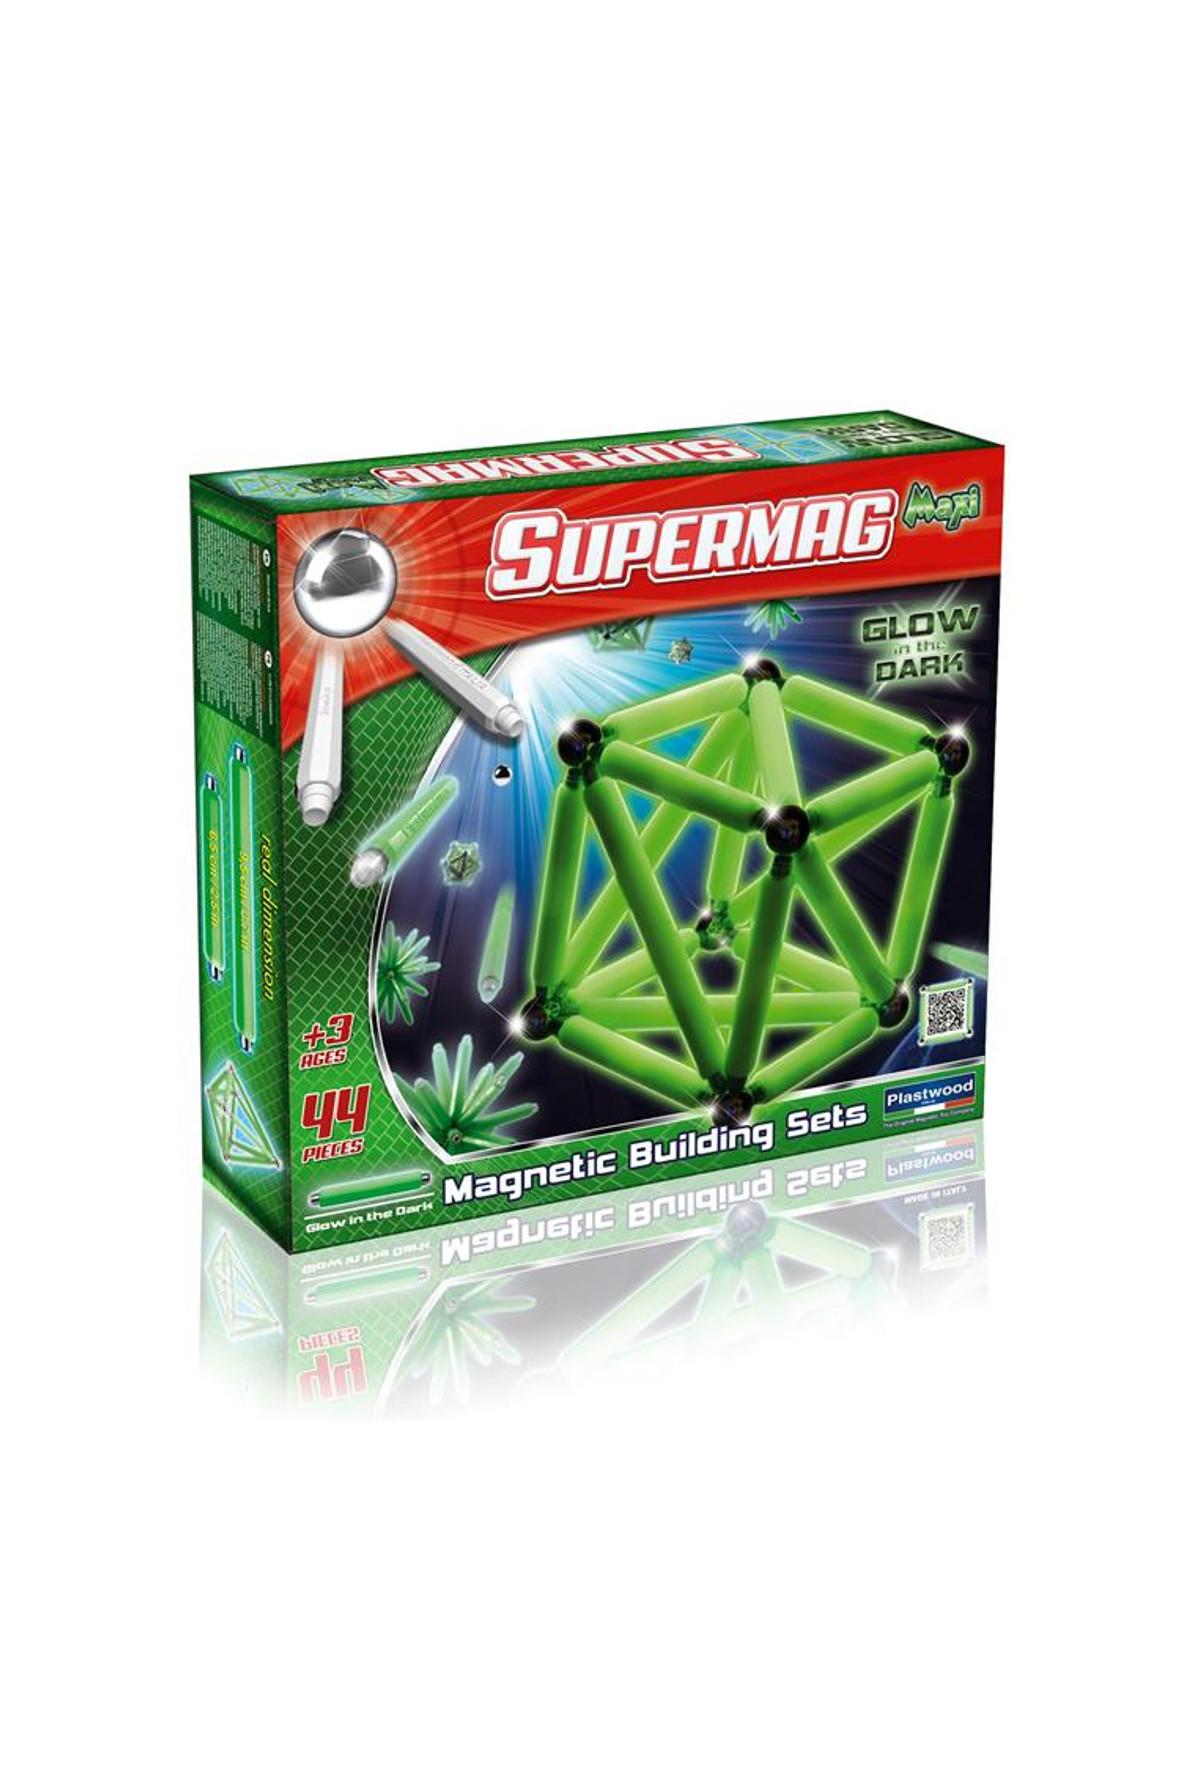 Klocki Supermag Maxi Glow 44 el. 1Y34IG